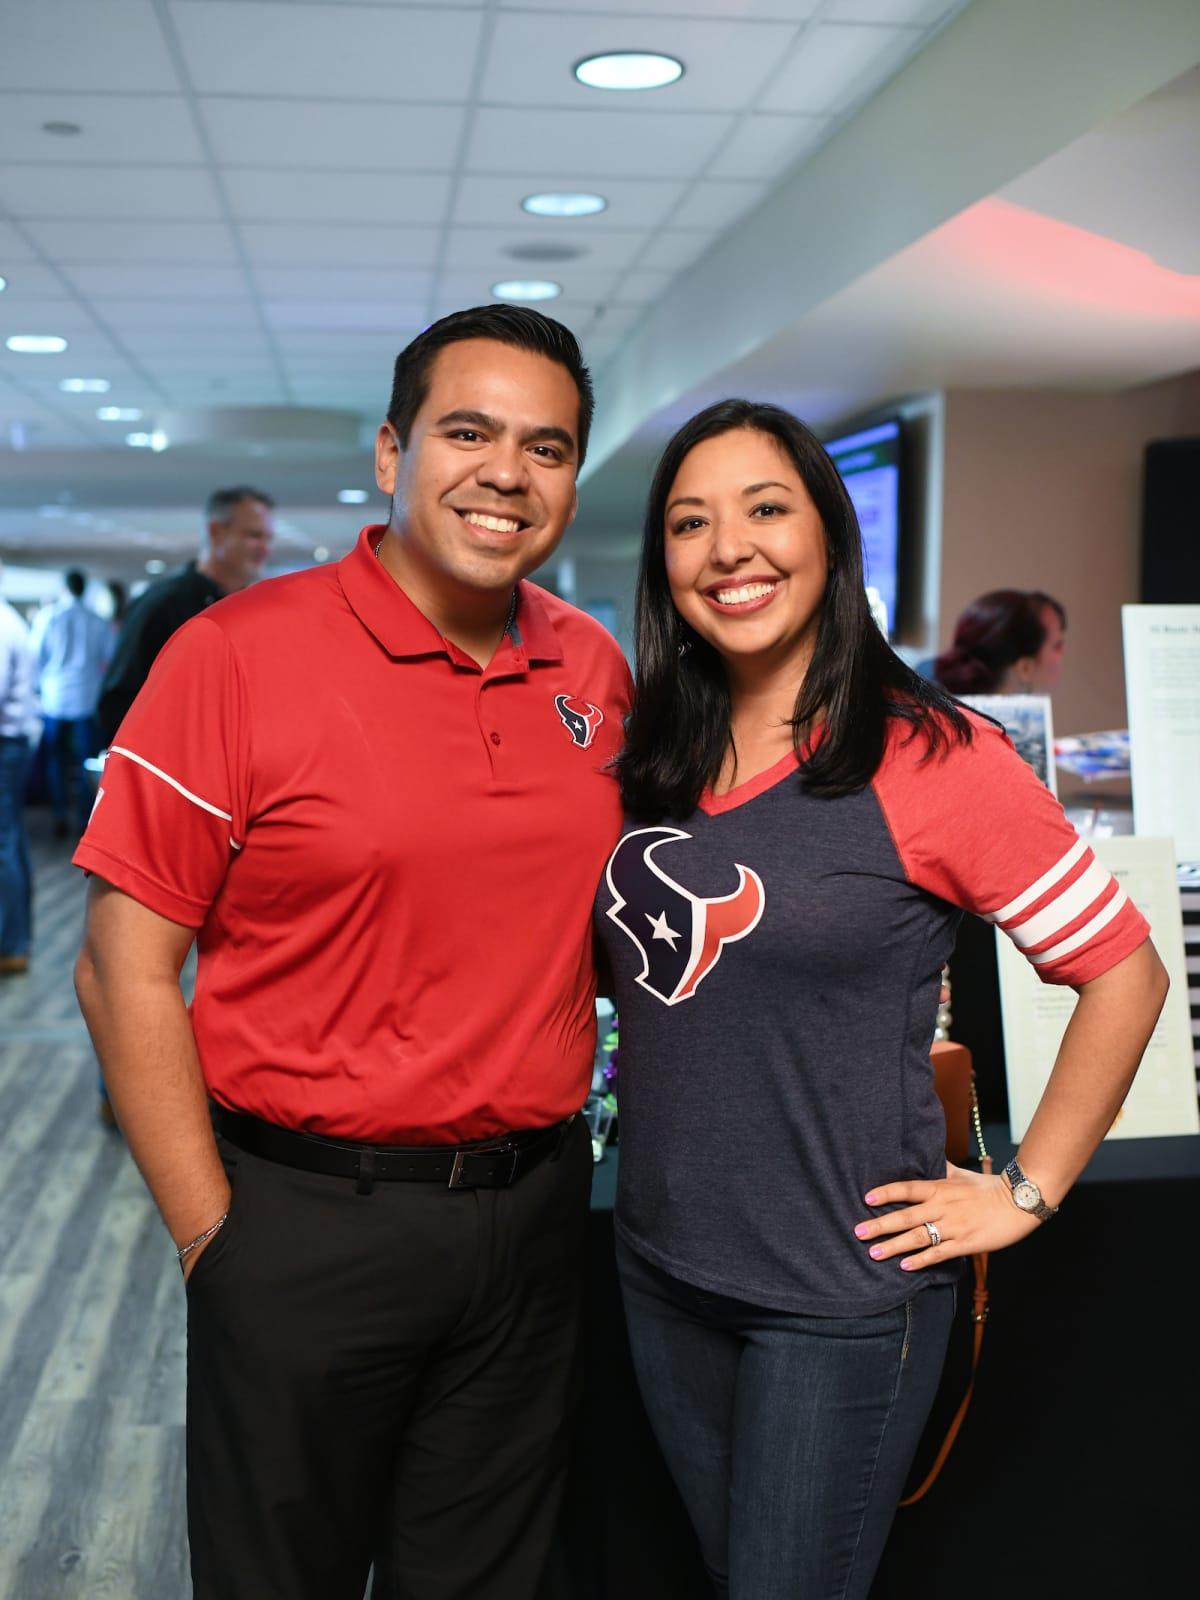 Fantasy football Joe and Monica Casiano